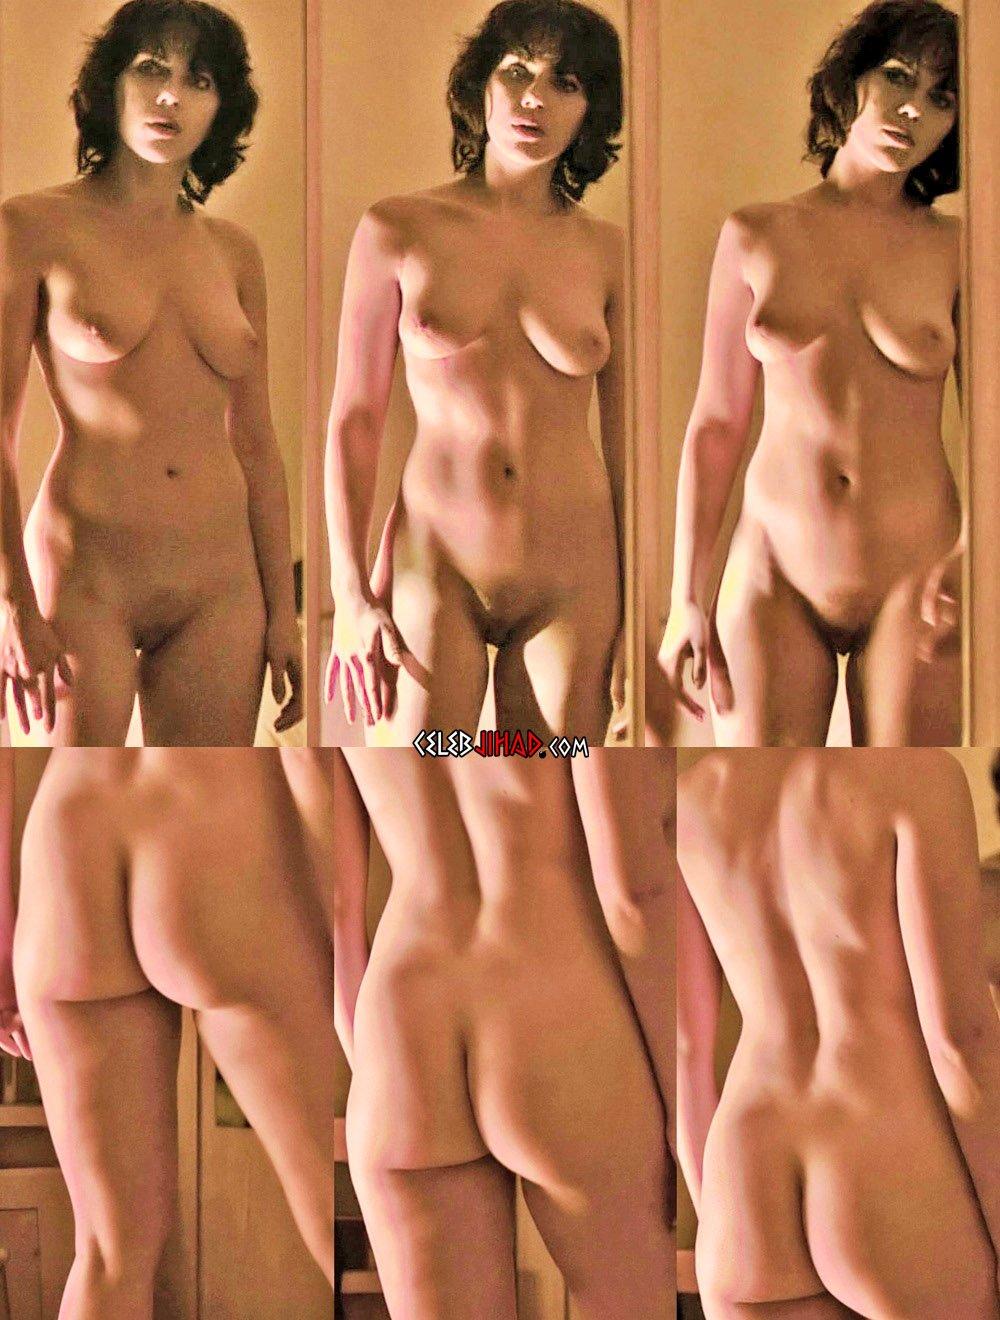 pinky women on women porn